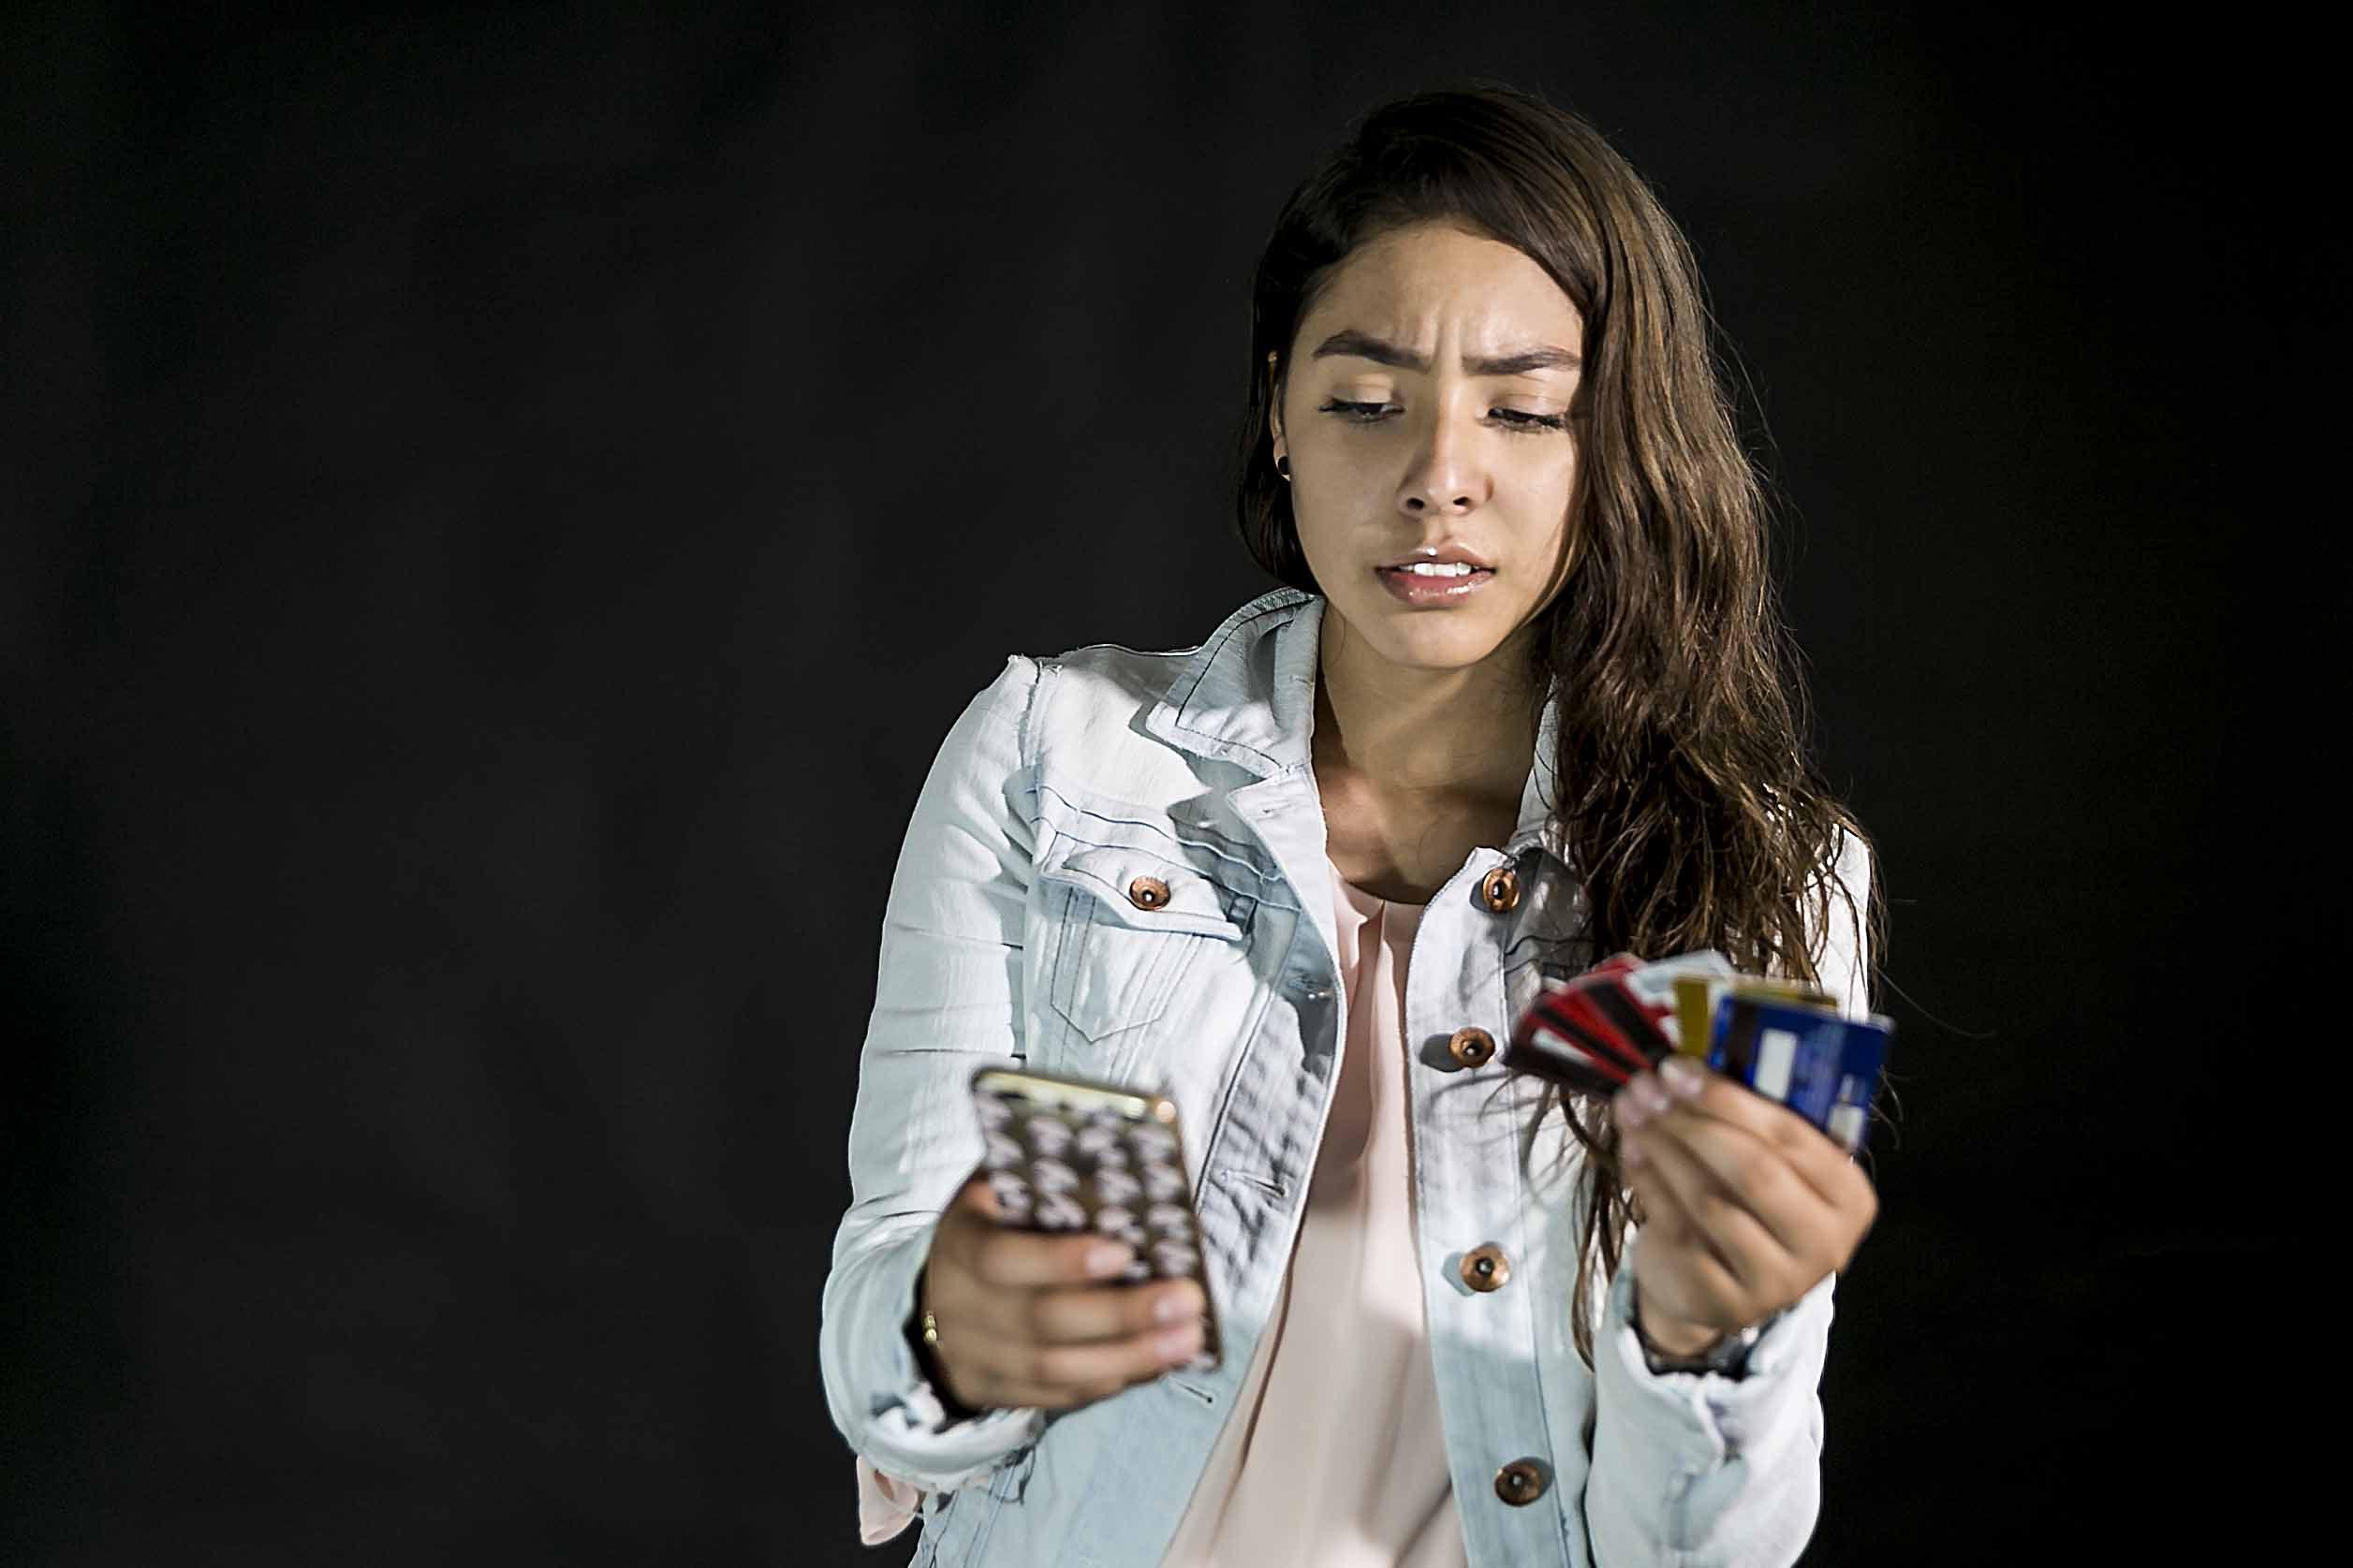 Joven sosteniendo sus tarjetas bancarias y utilizando su teléfono celular con preocupación.